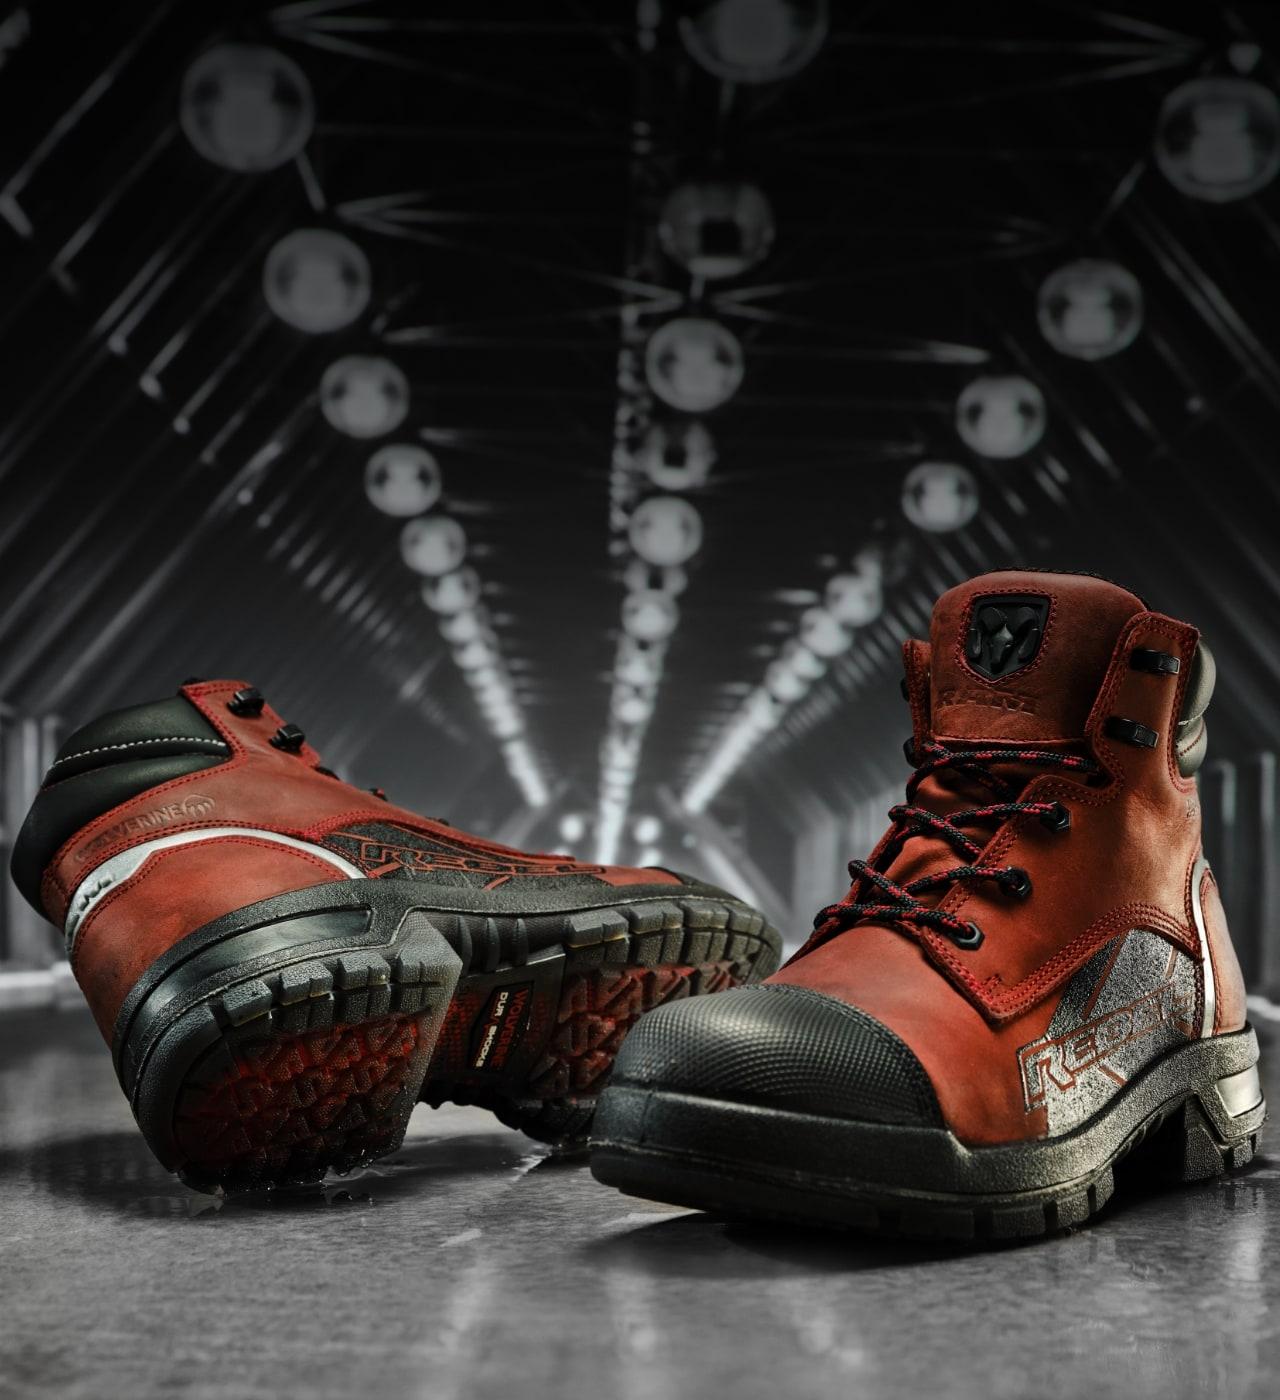 3 1000 Mile boots on display.